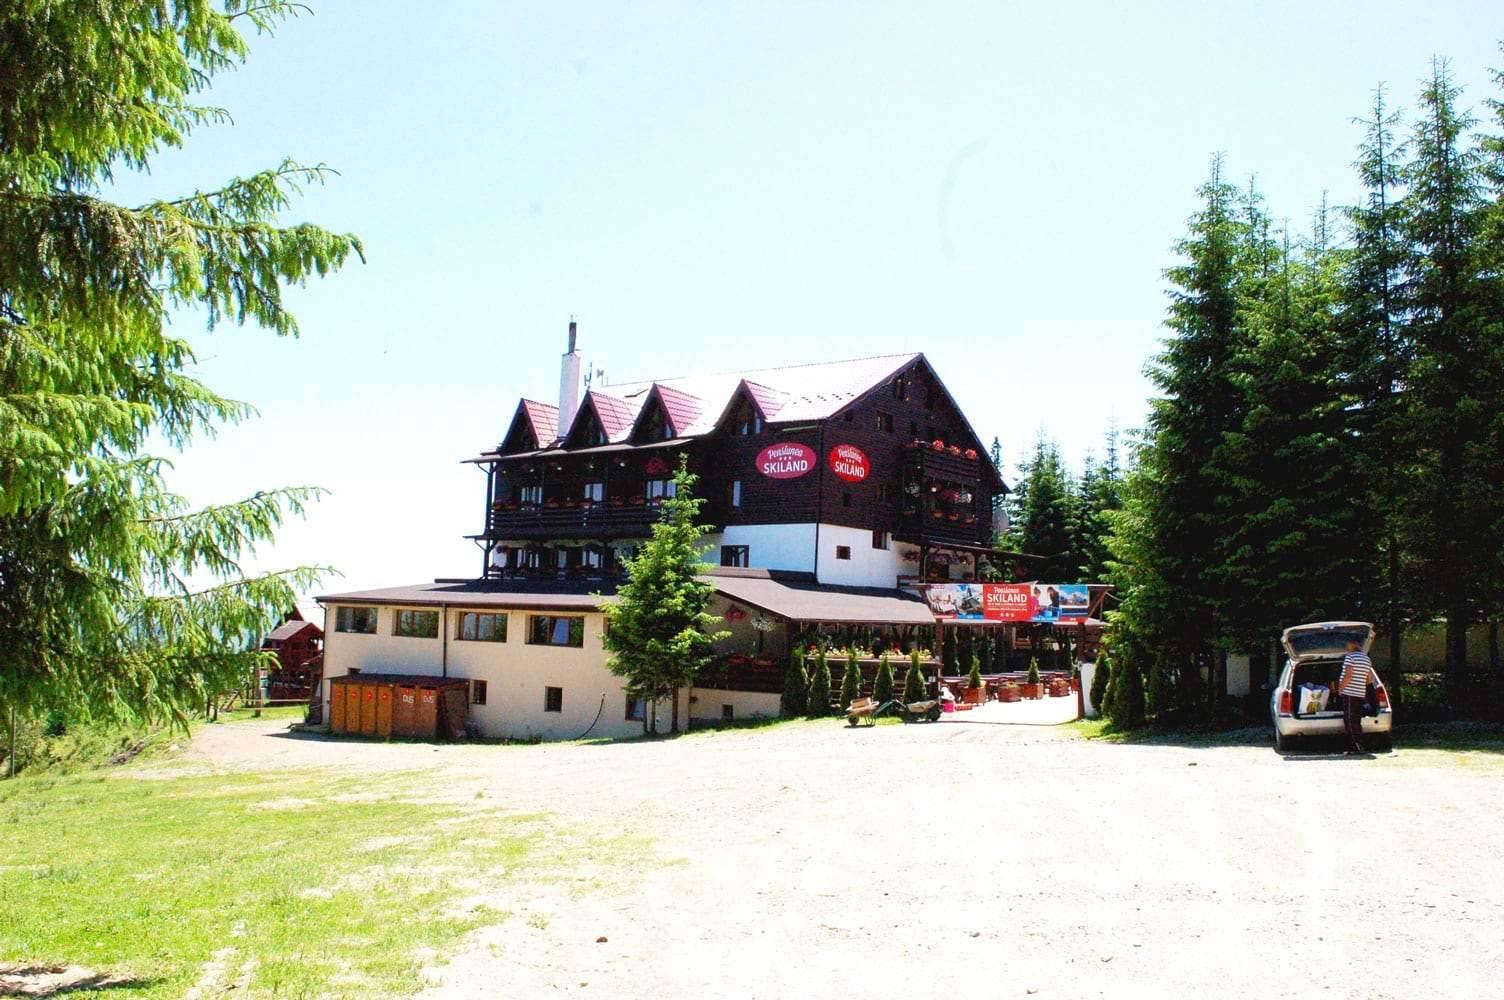 terasa aventura cazare baisoara pensiune skiland ieftin cluj munte gratuit mici bere